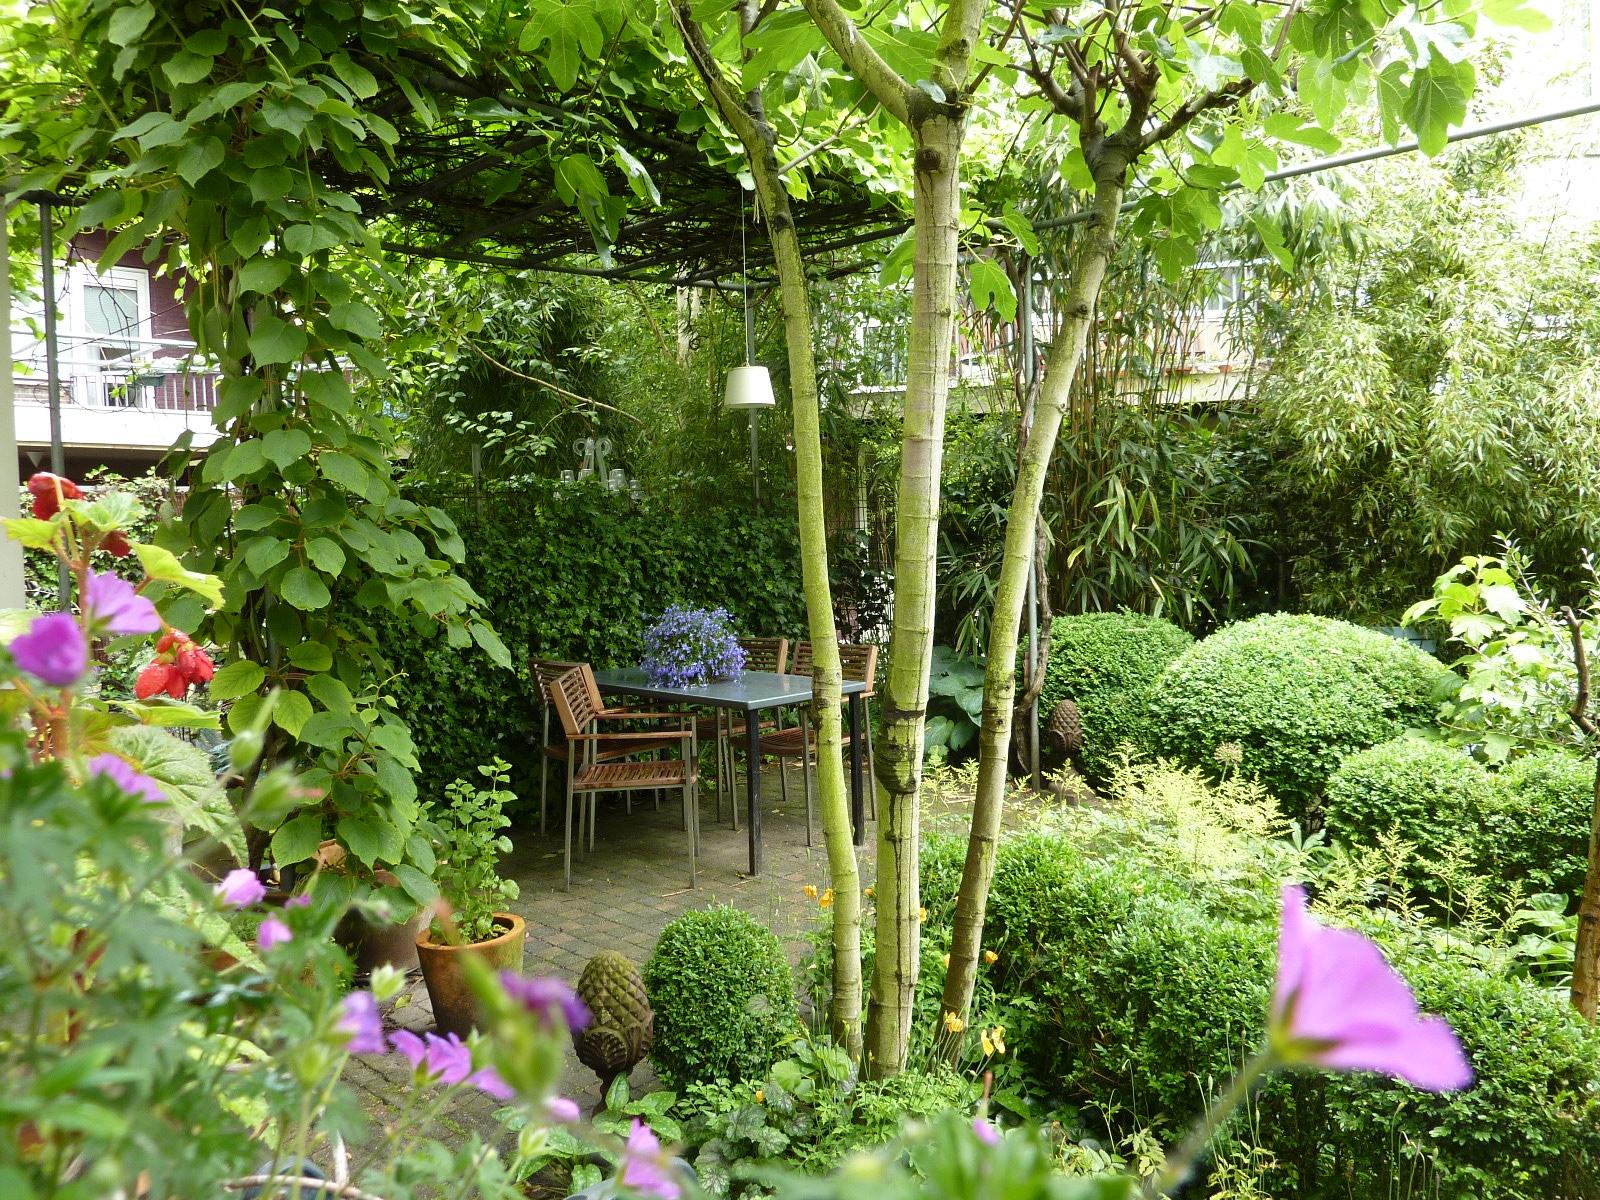 Verborgen tuinen in de straat graaf florisstraat de for Rob eigen huis en tuin